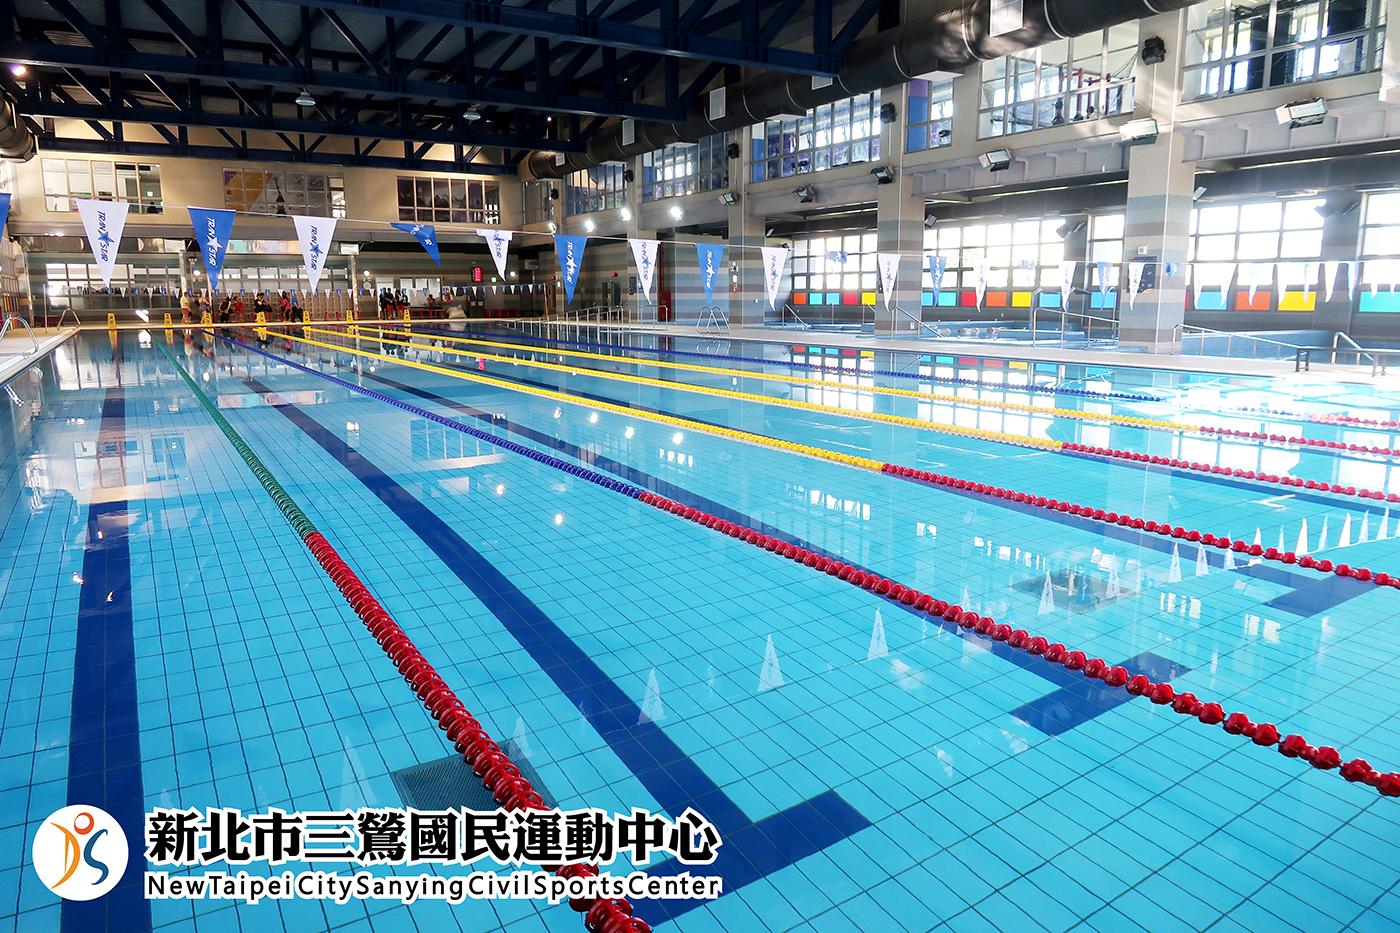 室內溫水游泳池(jpg)